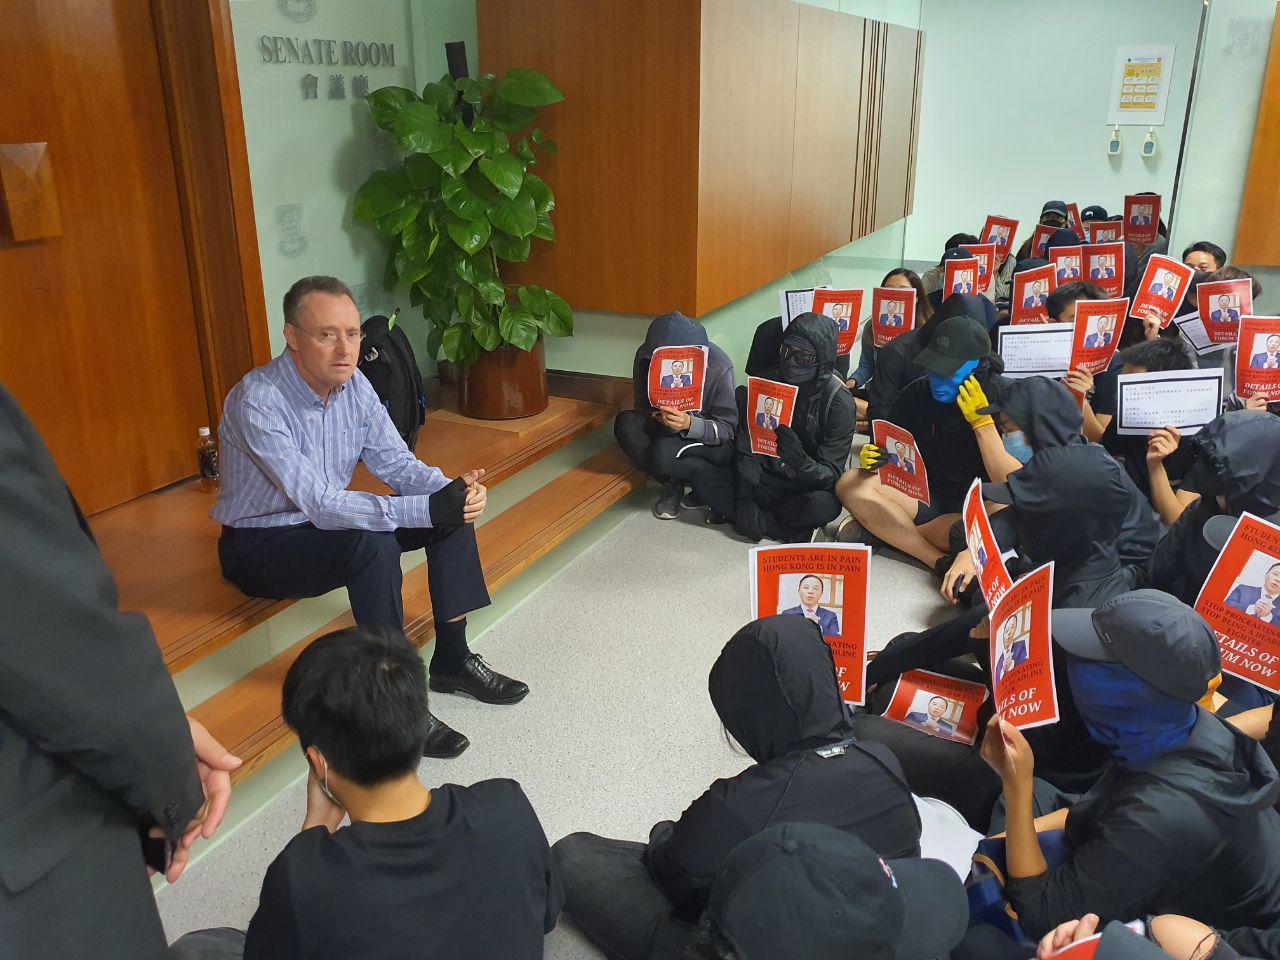 香港大學校長張翔一直迴避與學生會面,派副校長與學生見面。(孫明國/大紀元)